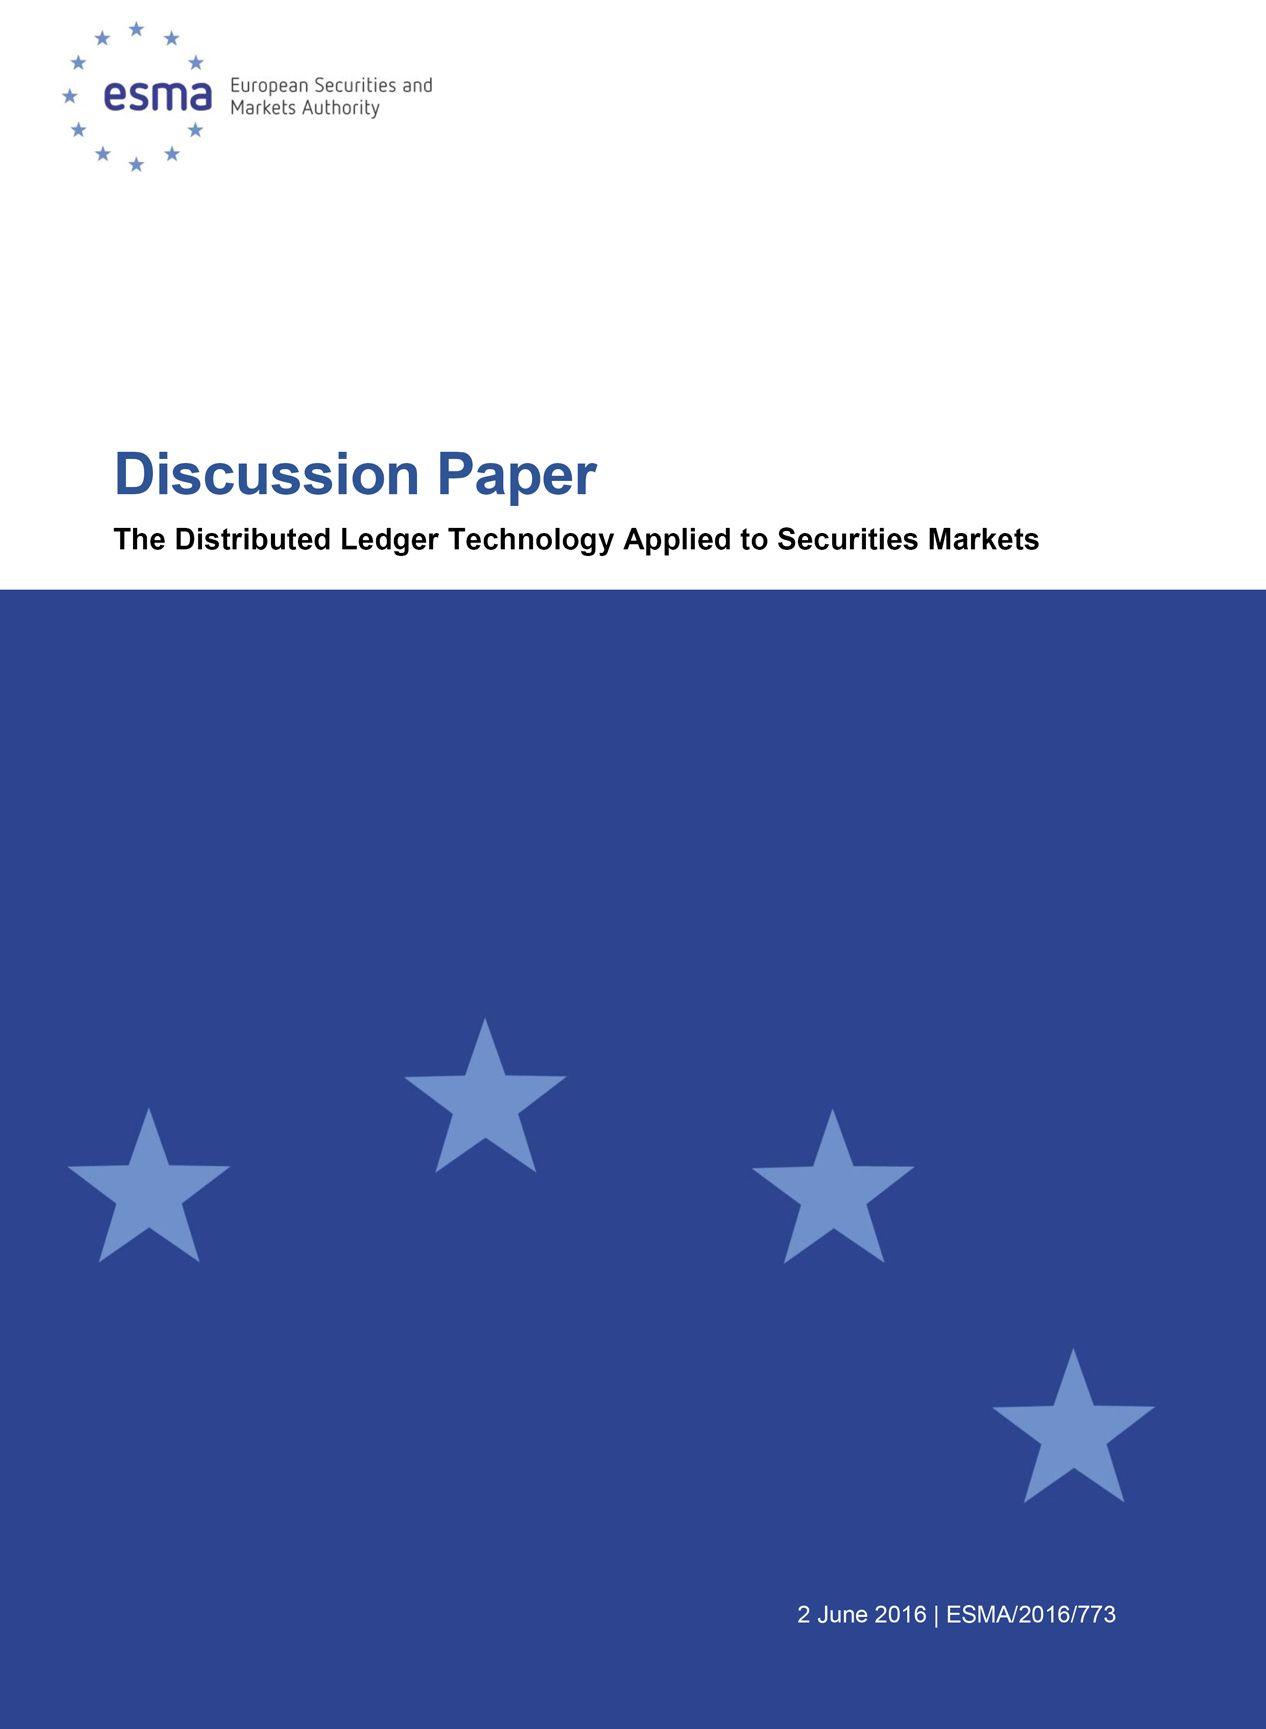 Documento para la consulta pública sobre el uso potencial de la tecnología del libro mayor distribuido - EAVM